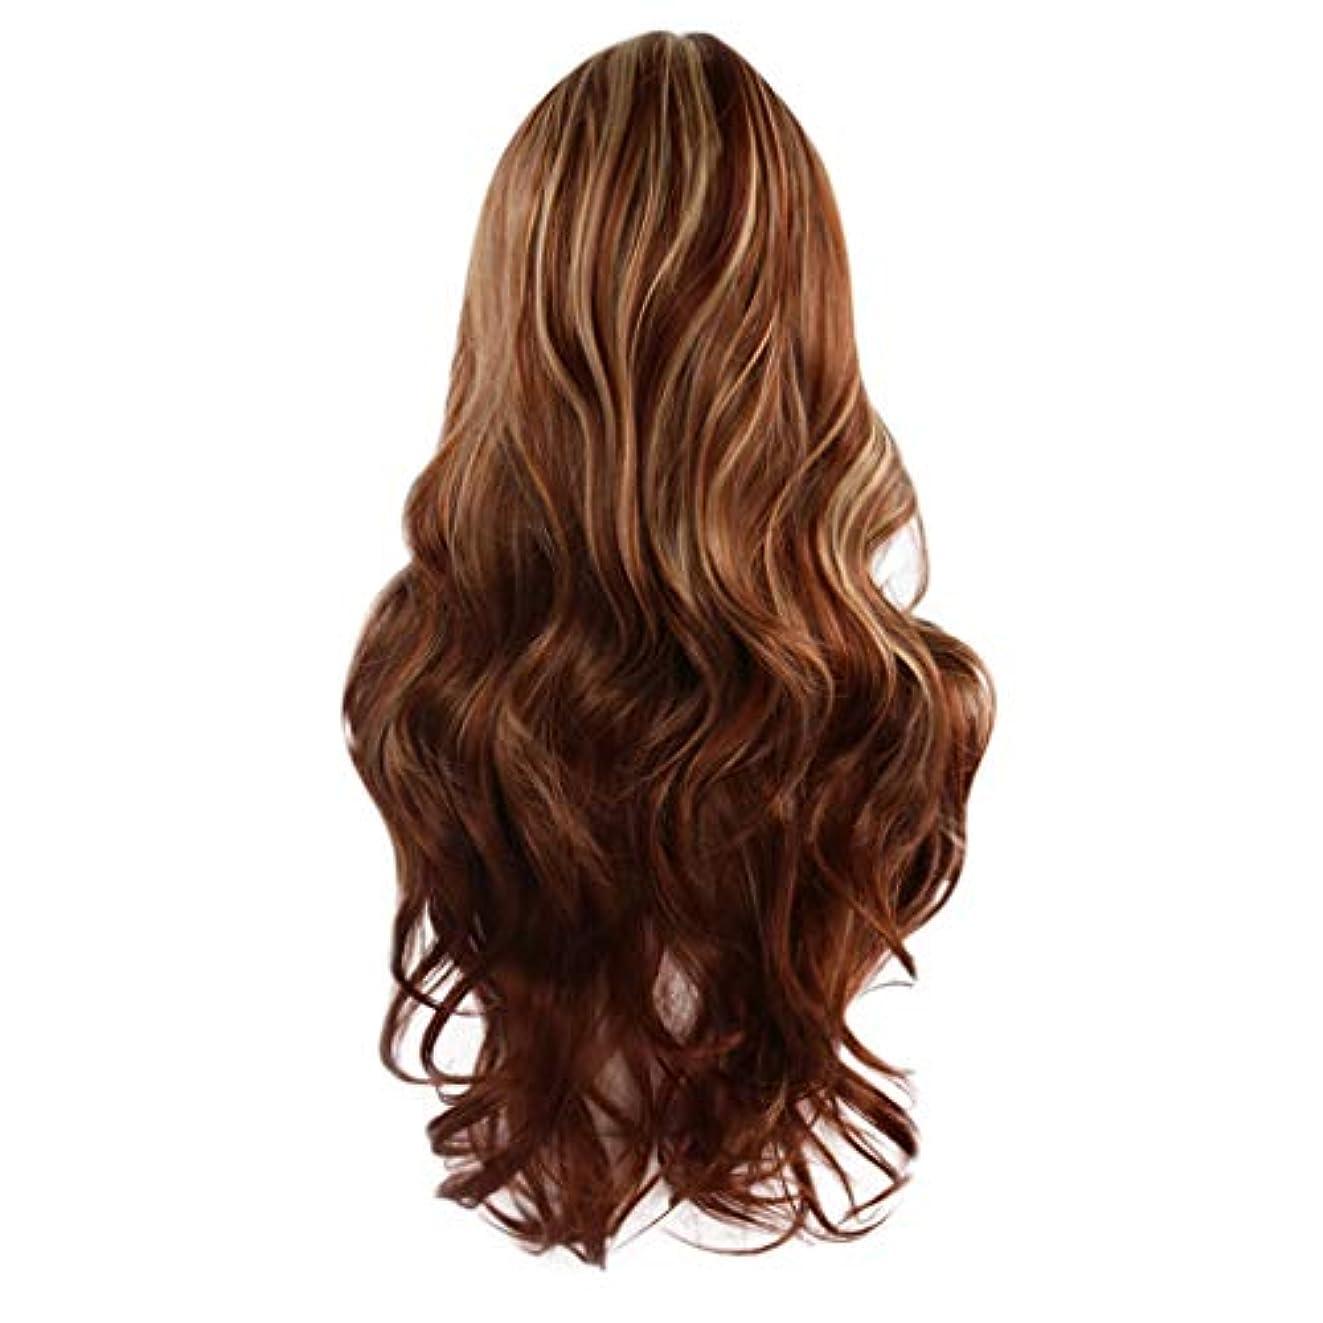 カリングレベル精通した女性の茶色の長いウェーブのかかった巻き毛のかつらフルウィッグローズネット